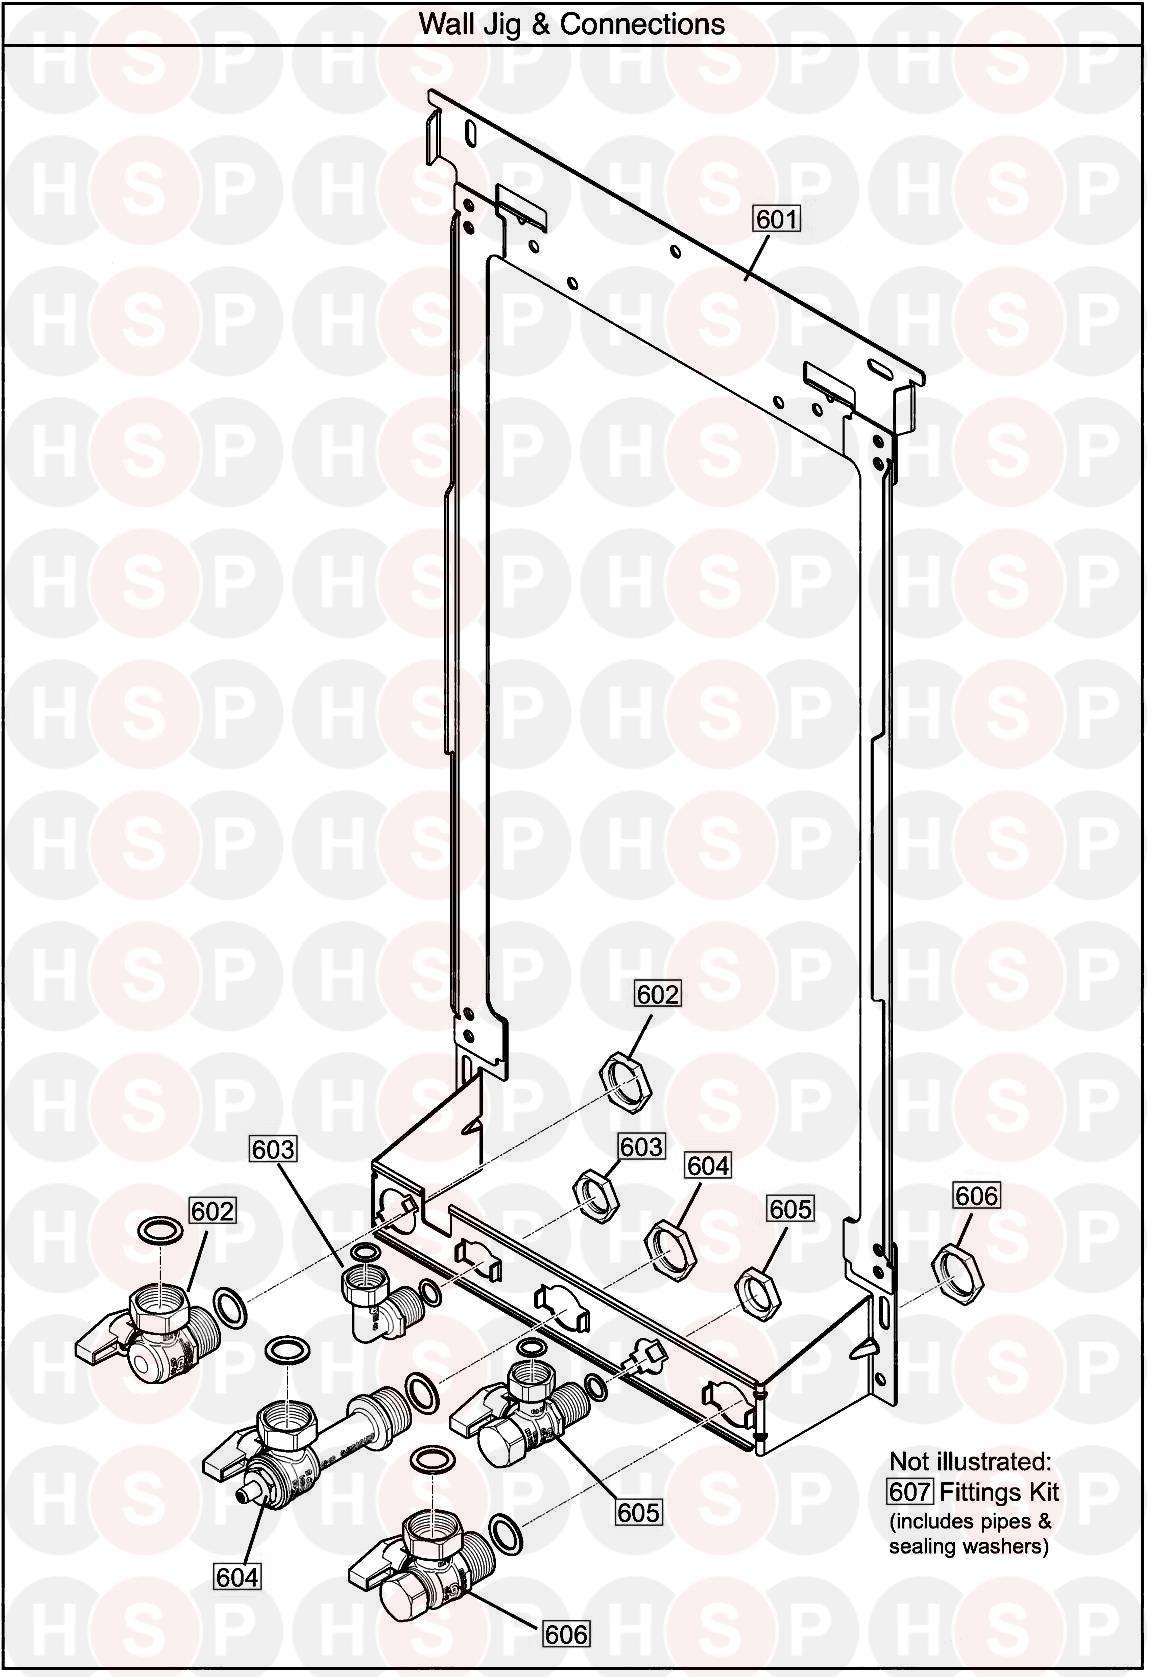 baxi ecoblue 24 combi  wall jig  diagram